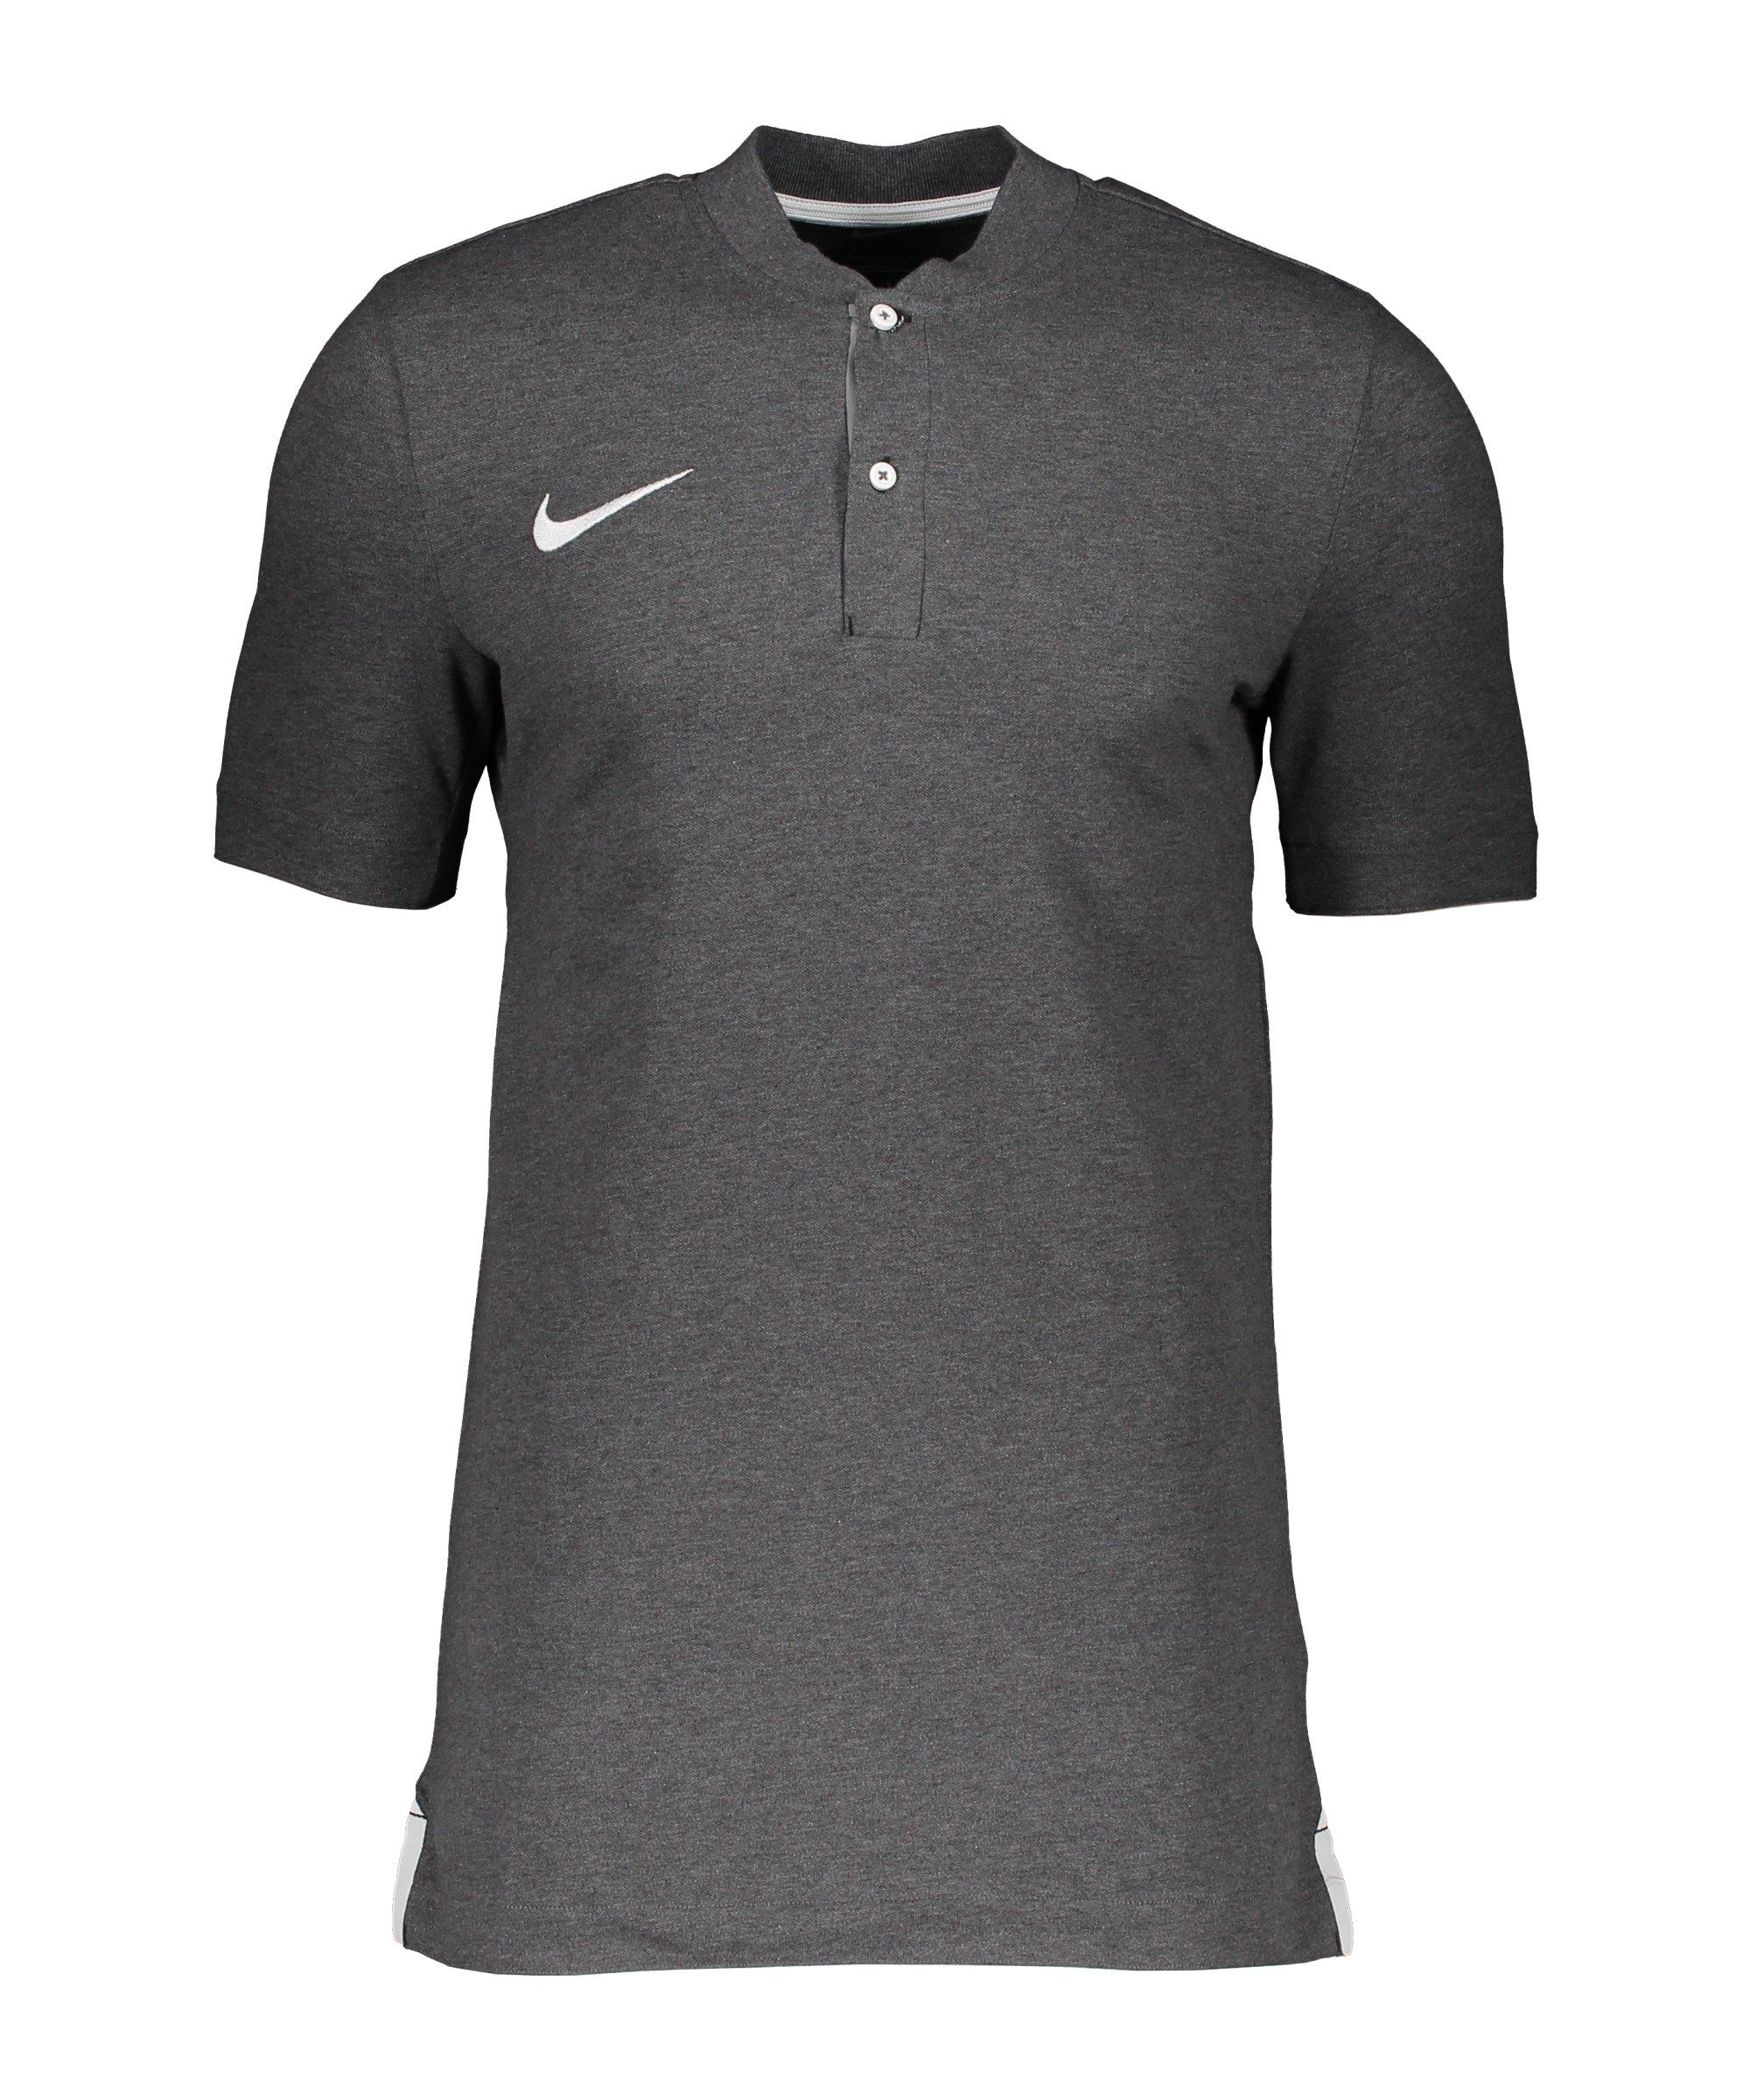 Nike Strike Poloshirt Grau Weiss F071 - grau